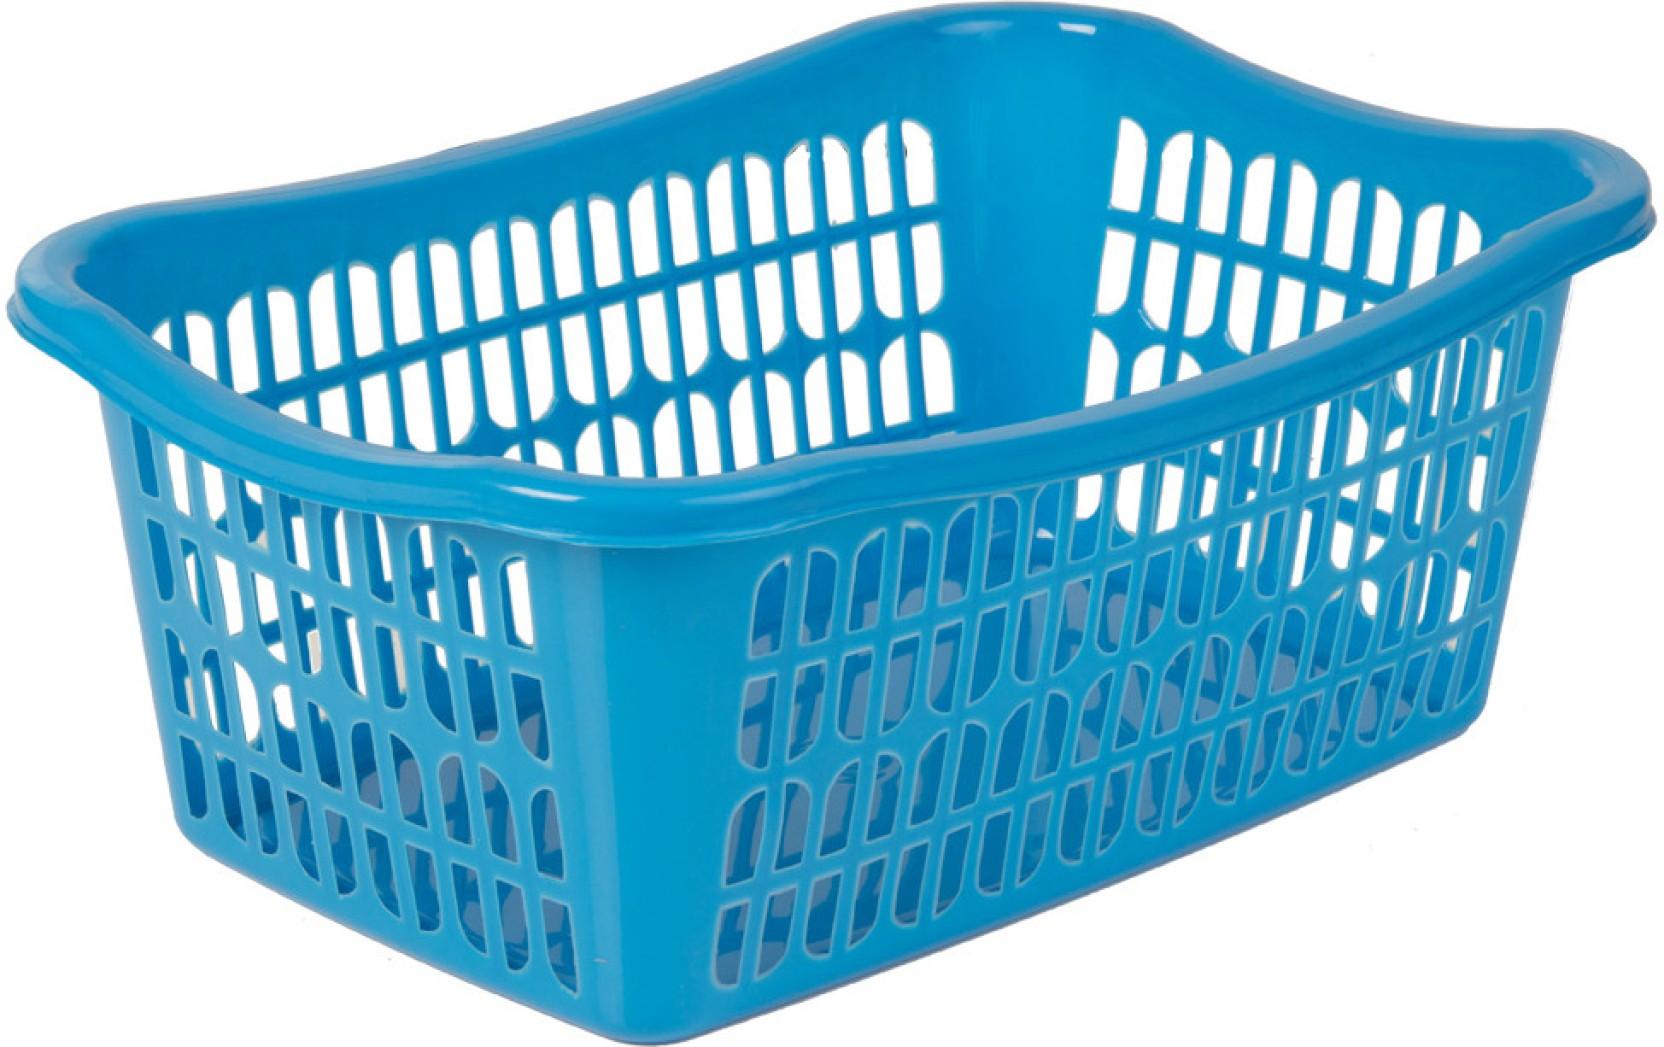 taz plastic fruit vegetable basket price in india buy taz plastic fruit vegetable basket. Black Bedroom Furniture Sets. Home Design Ideas